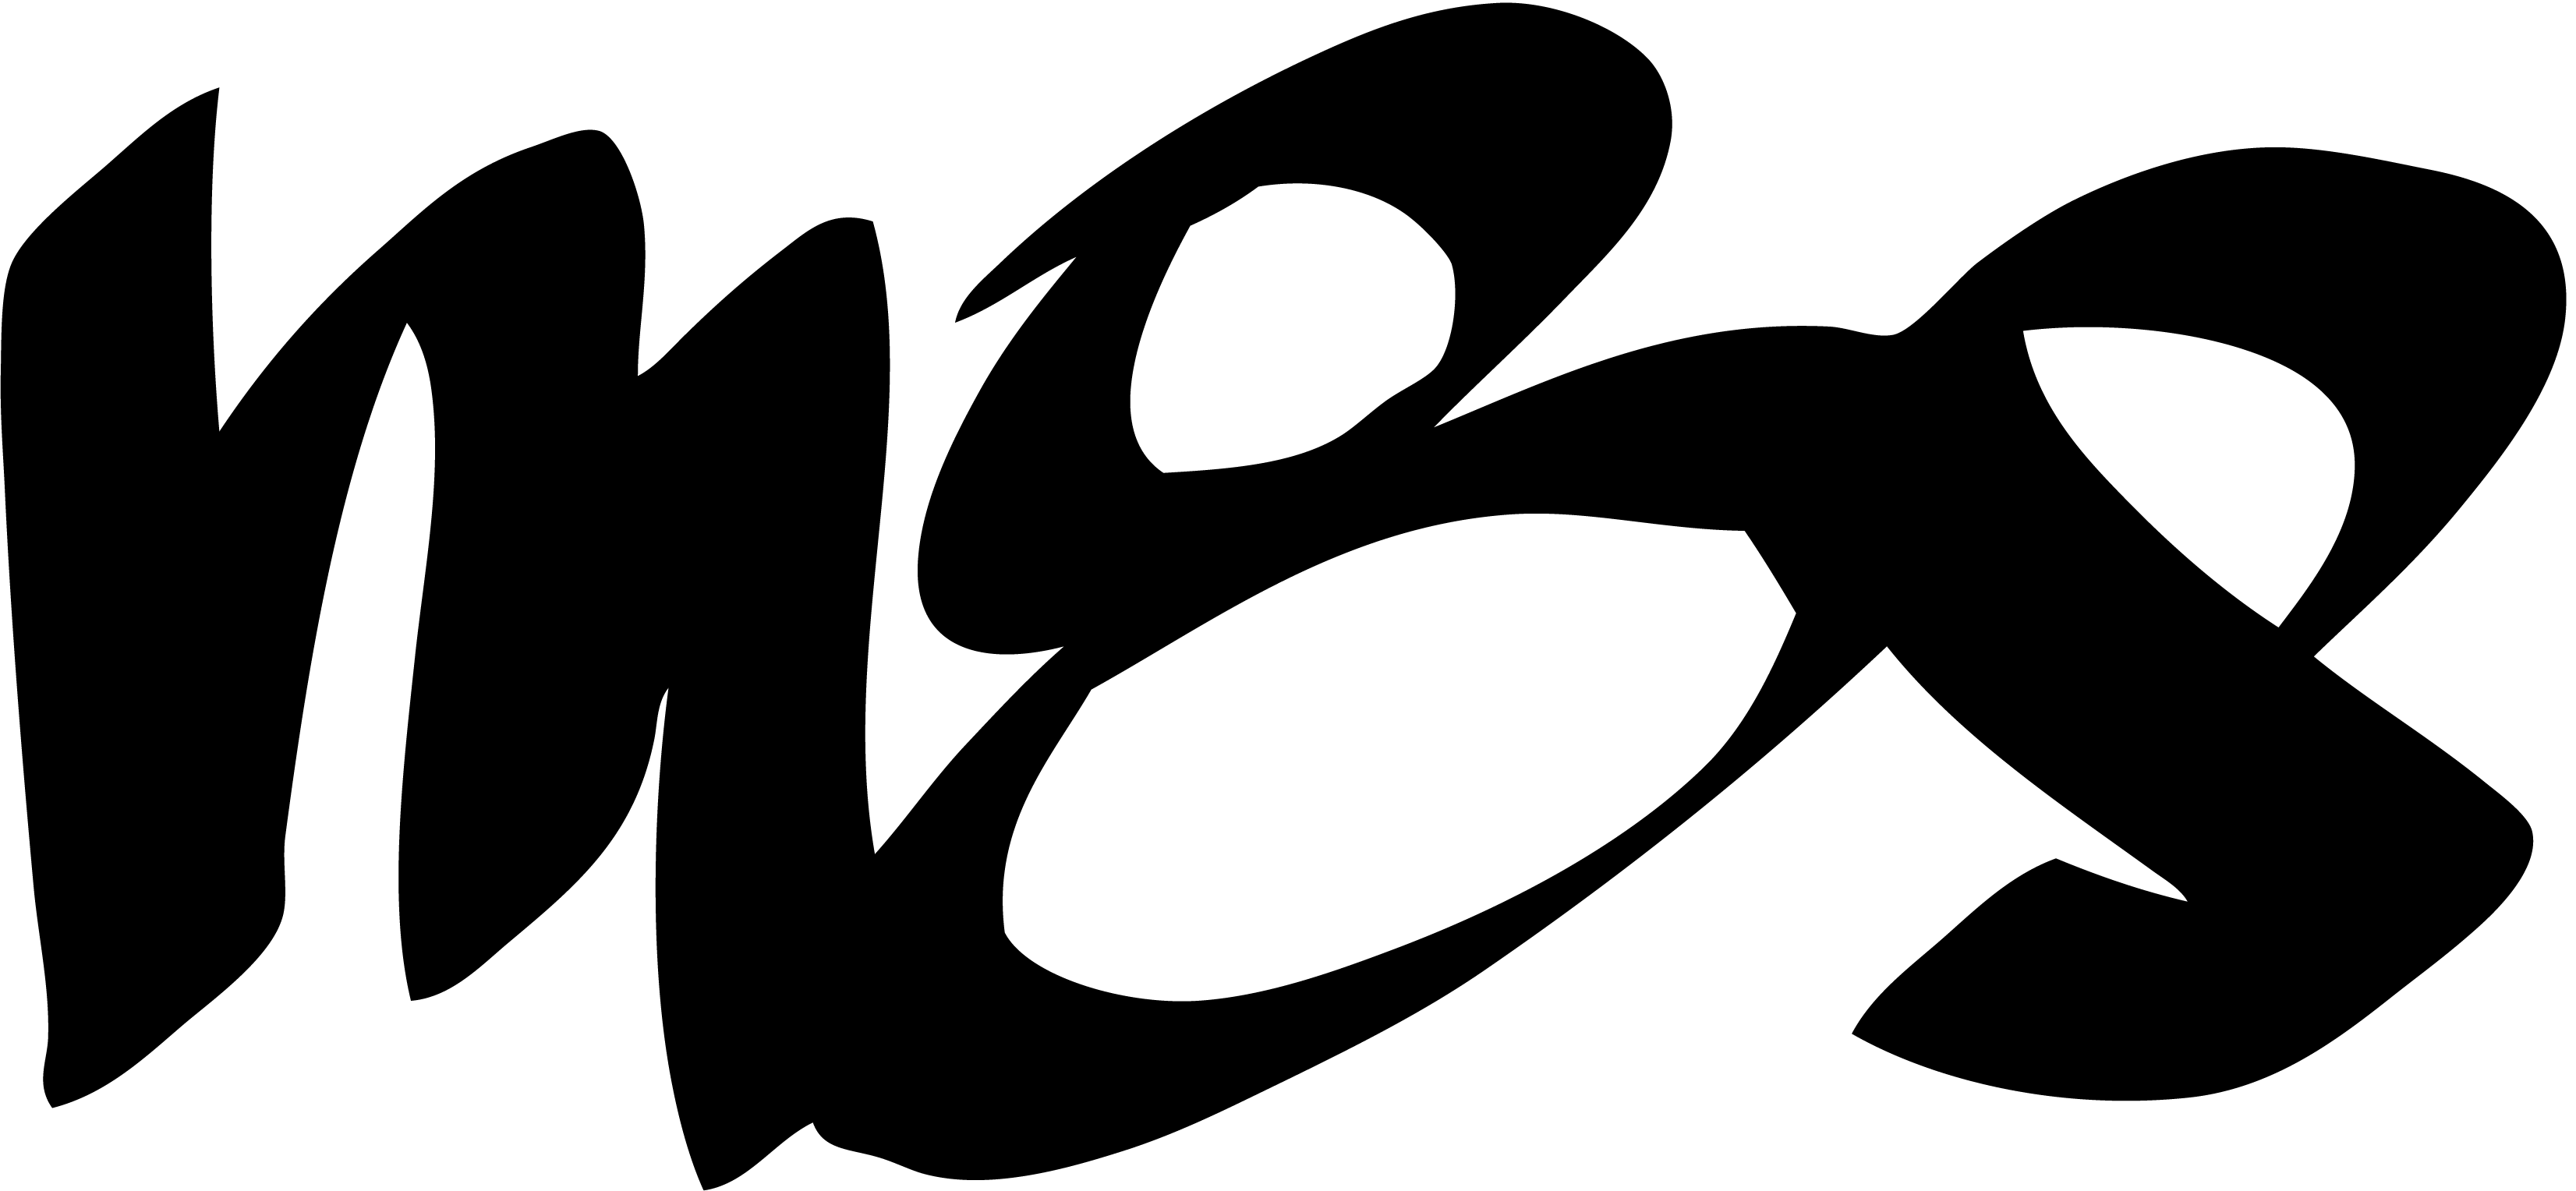 camera service group per m8studios - rental camere professionali lenti ottiche macchine da presa lighting - milano roma napoli puglia basilicata